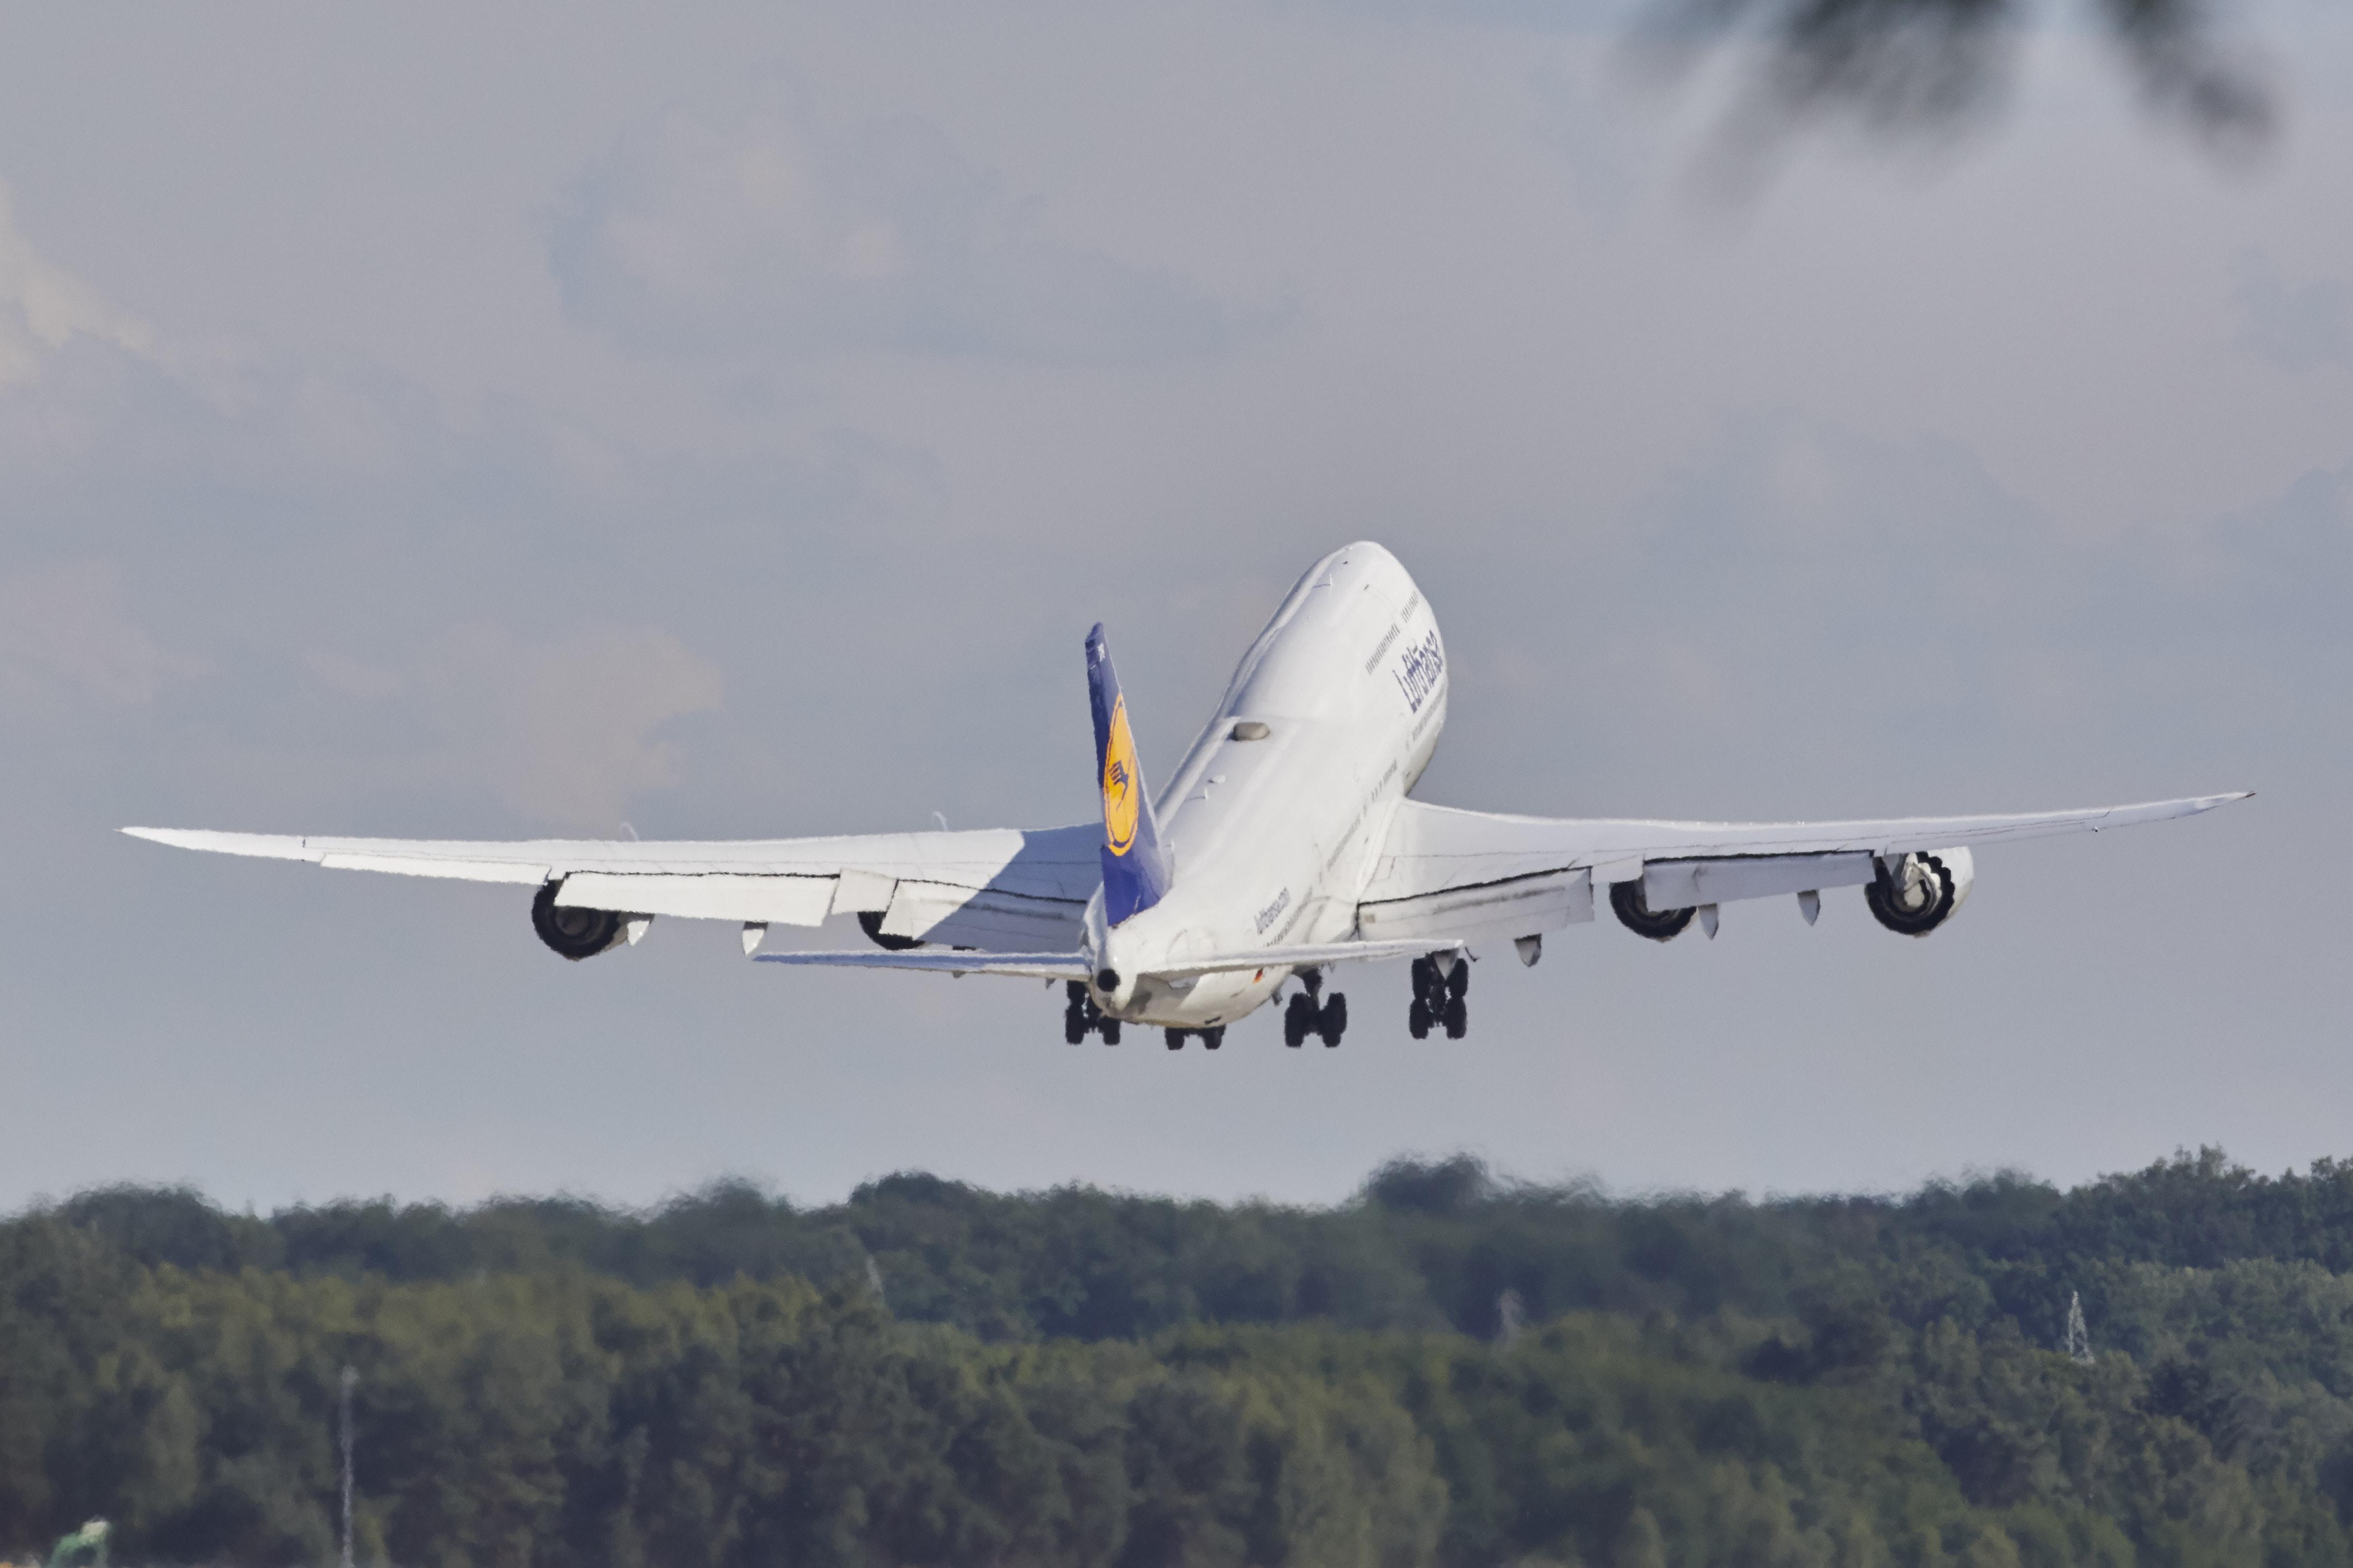 En Boeing B747 fra Lufthansa letter i 2017 fra lufthavnen i Frankfurt. Lufthansas to versioner af B747 fløj sidste år samlet med 5,4 millioner passagerer. Foto: Lufthansa.